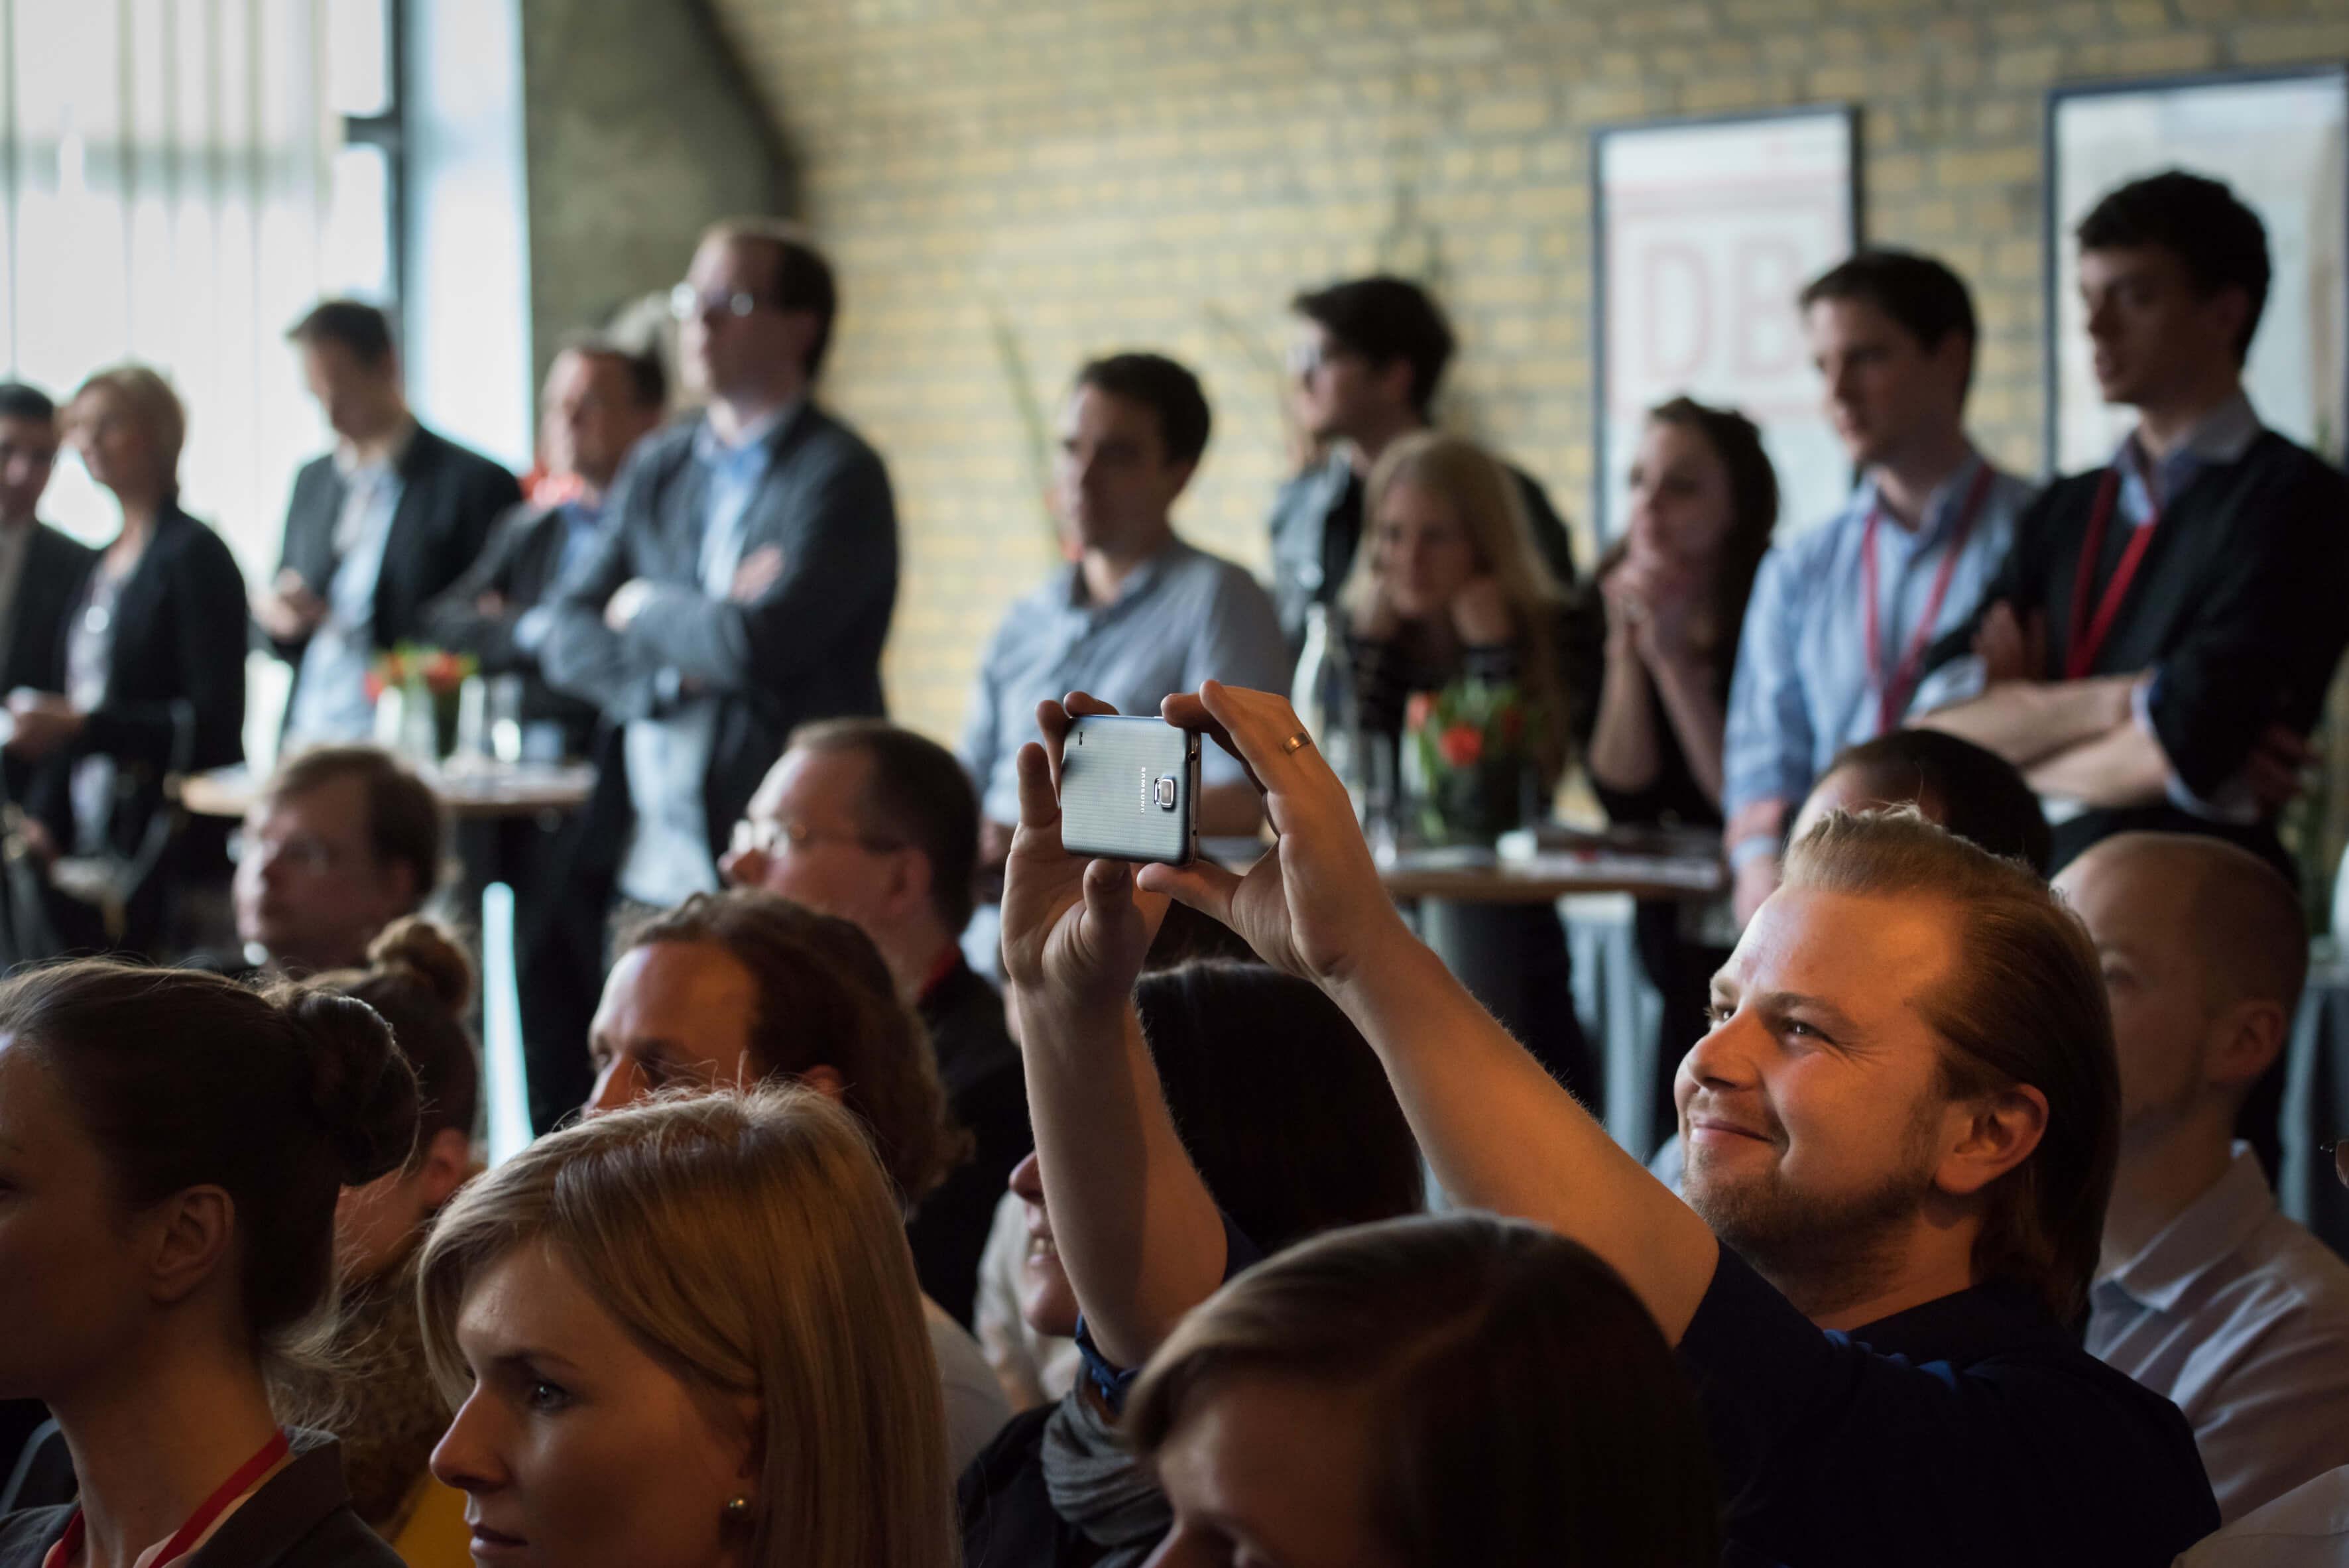 Veranstaltung DB Startup Pitch 2015 Next Station